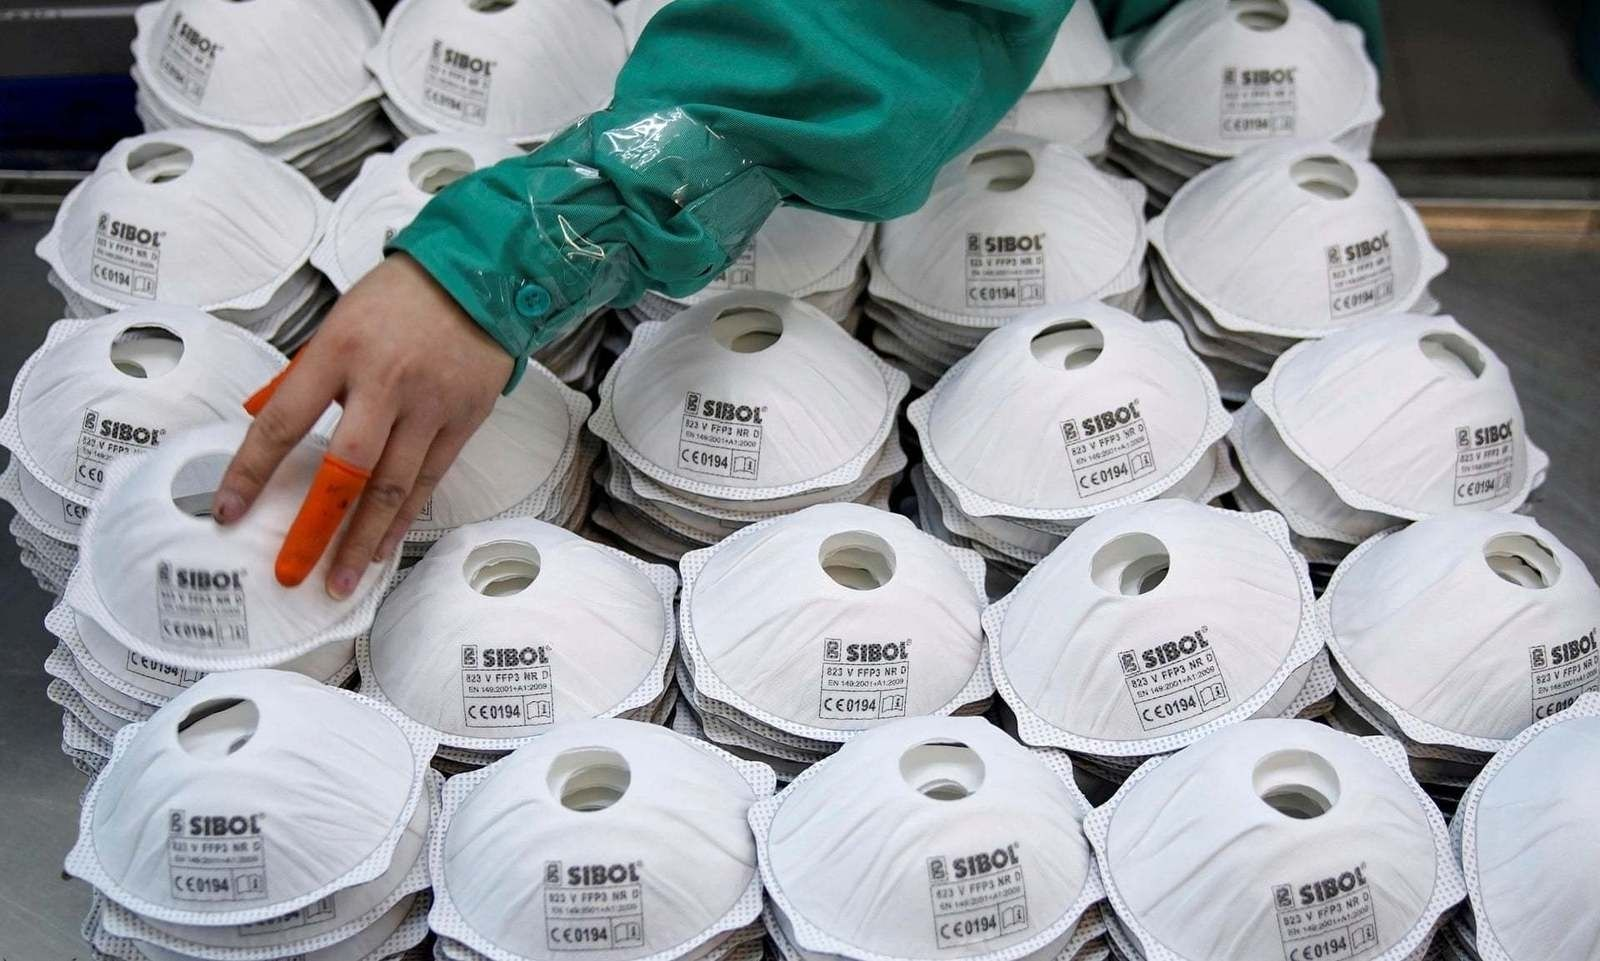 """Хятадад амны хаалтны үйлдвэрлэл """"галзуурч"""" байна"""